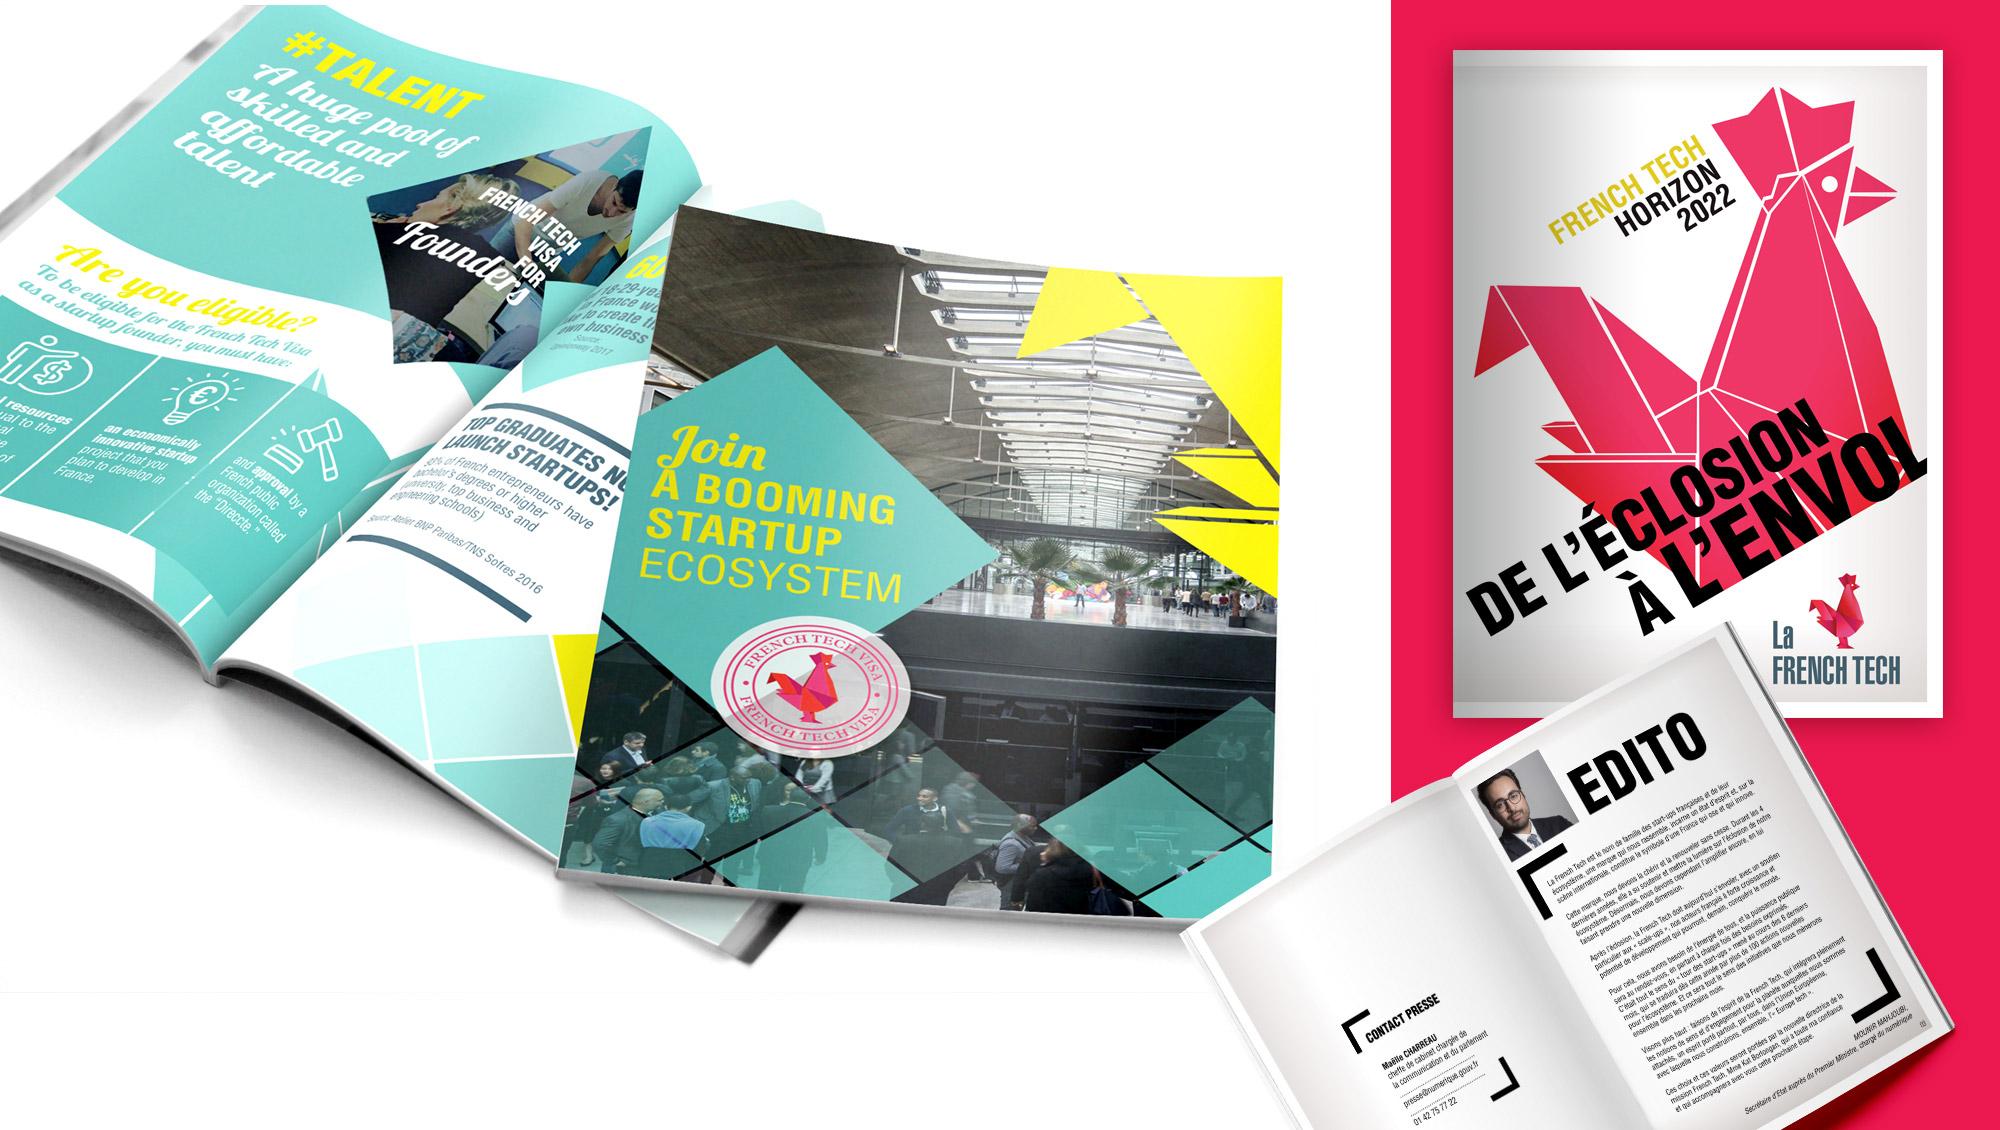 Branding de la marque La French Tech par l'agence de communication Sharing